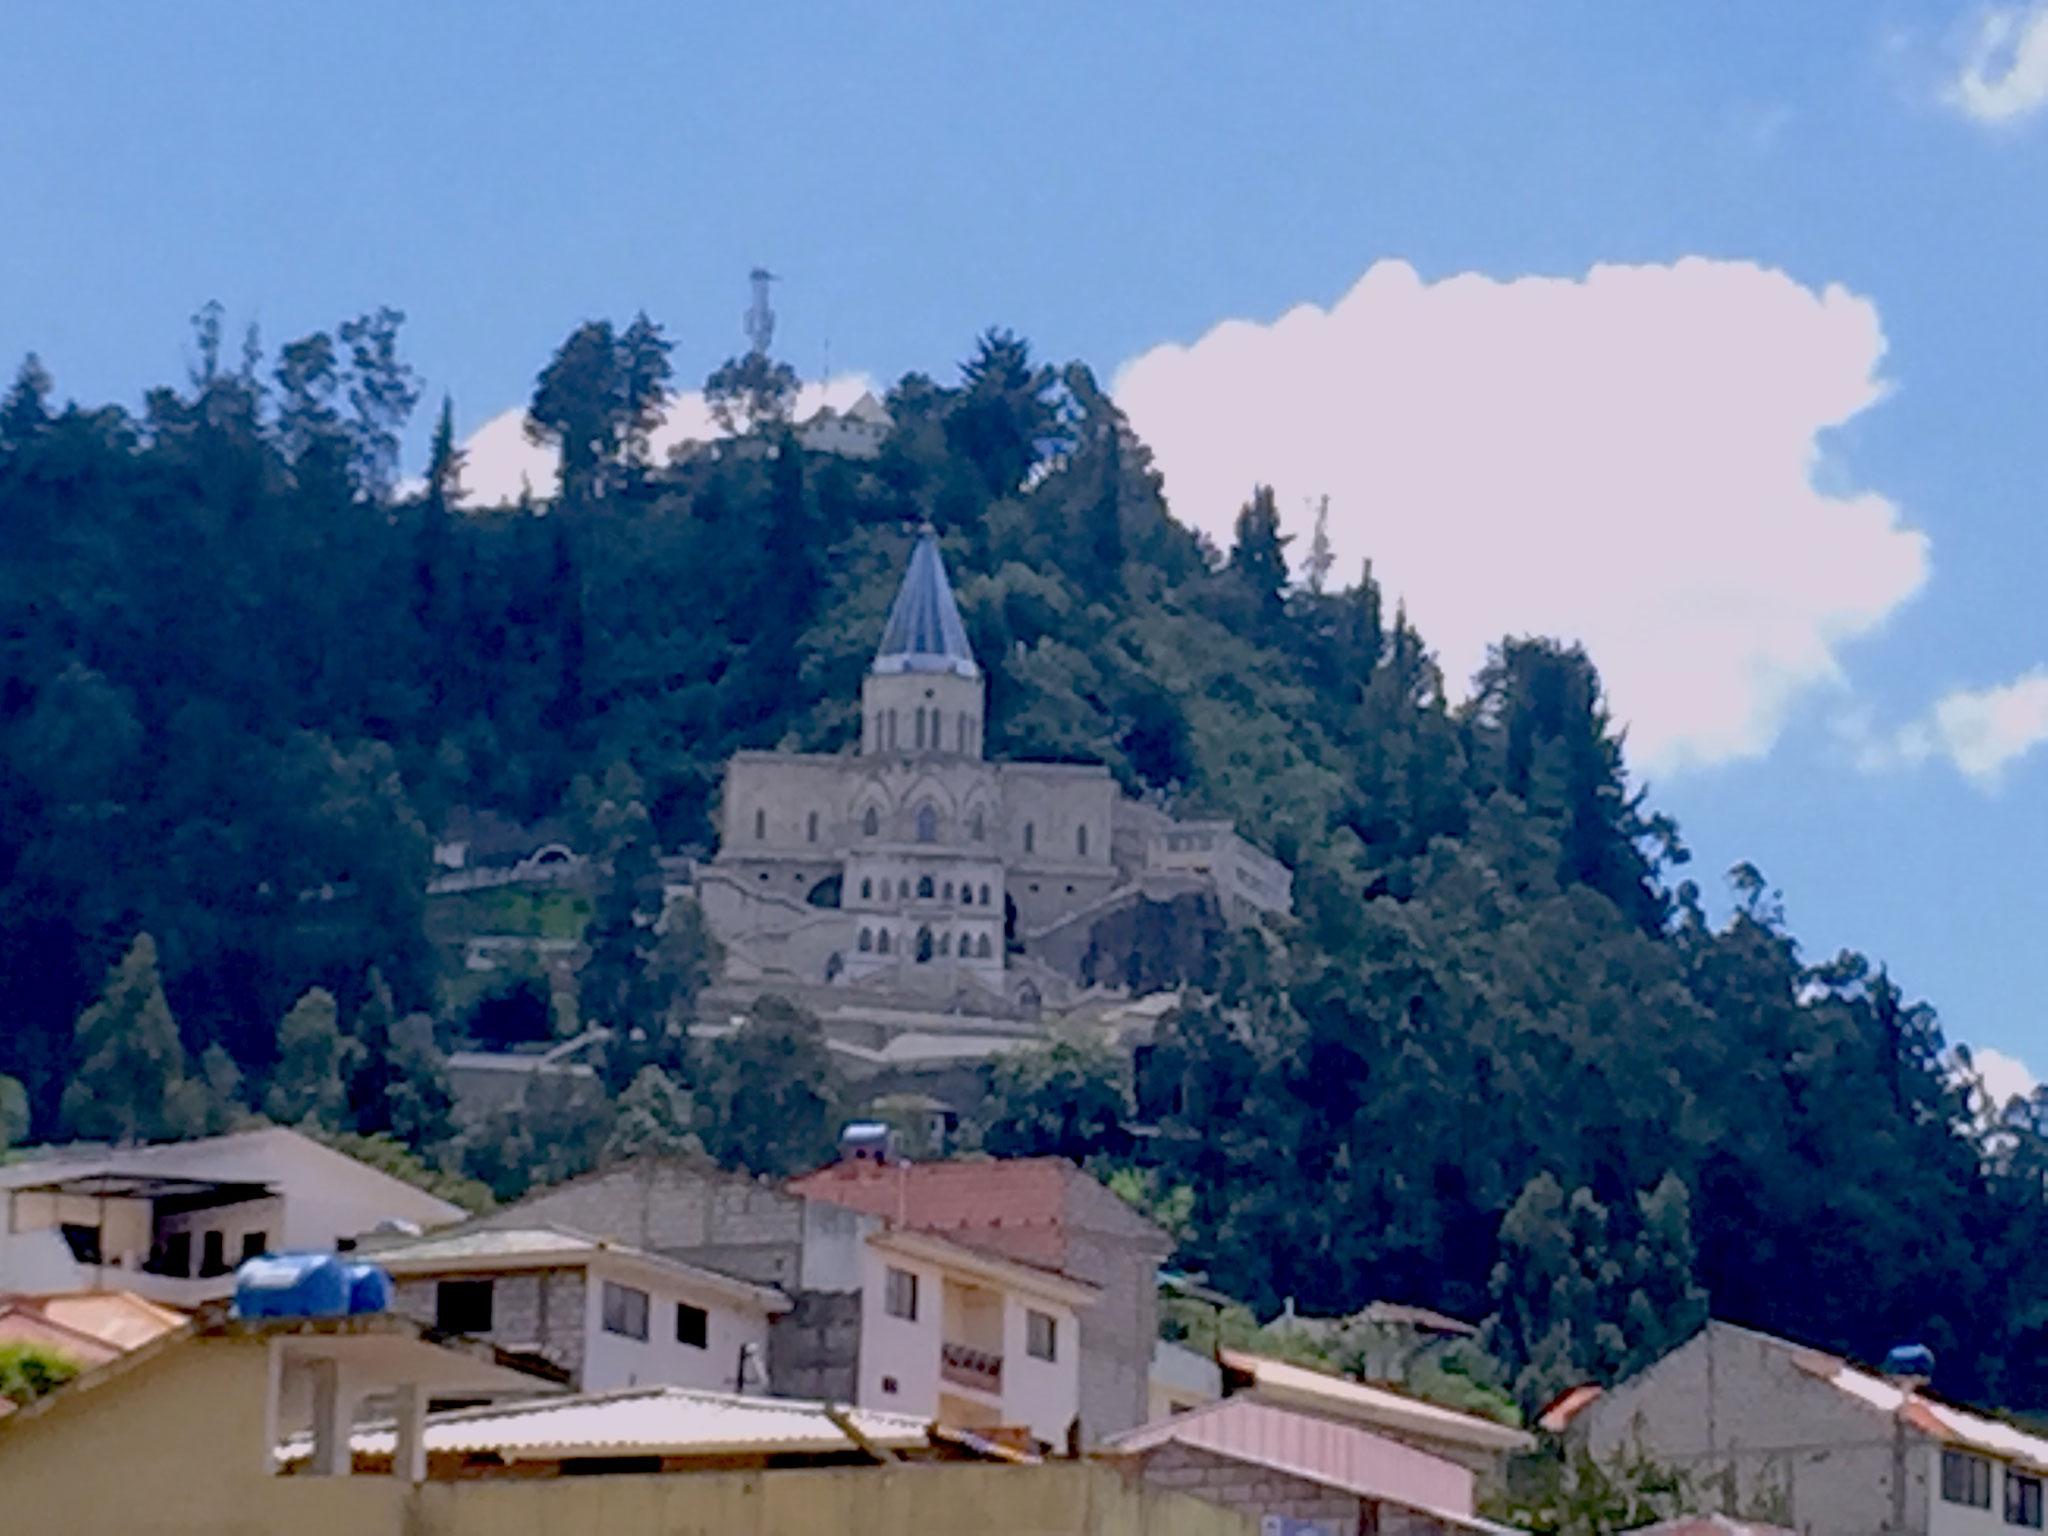 Felskirche del Ricio